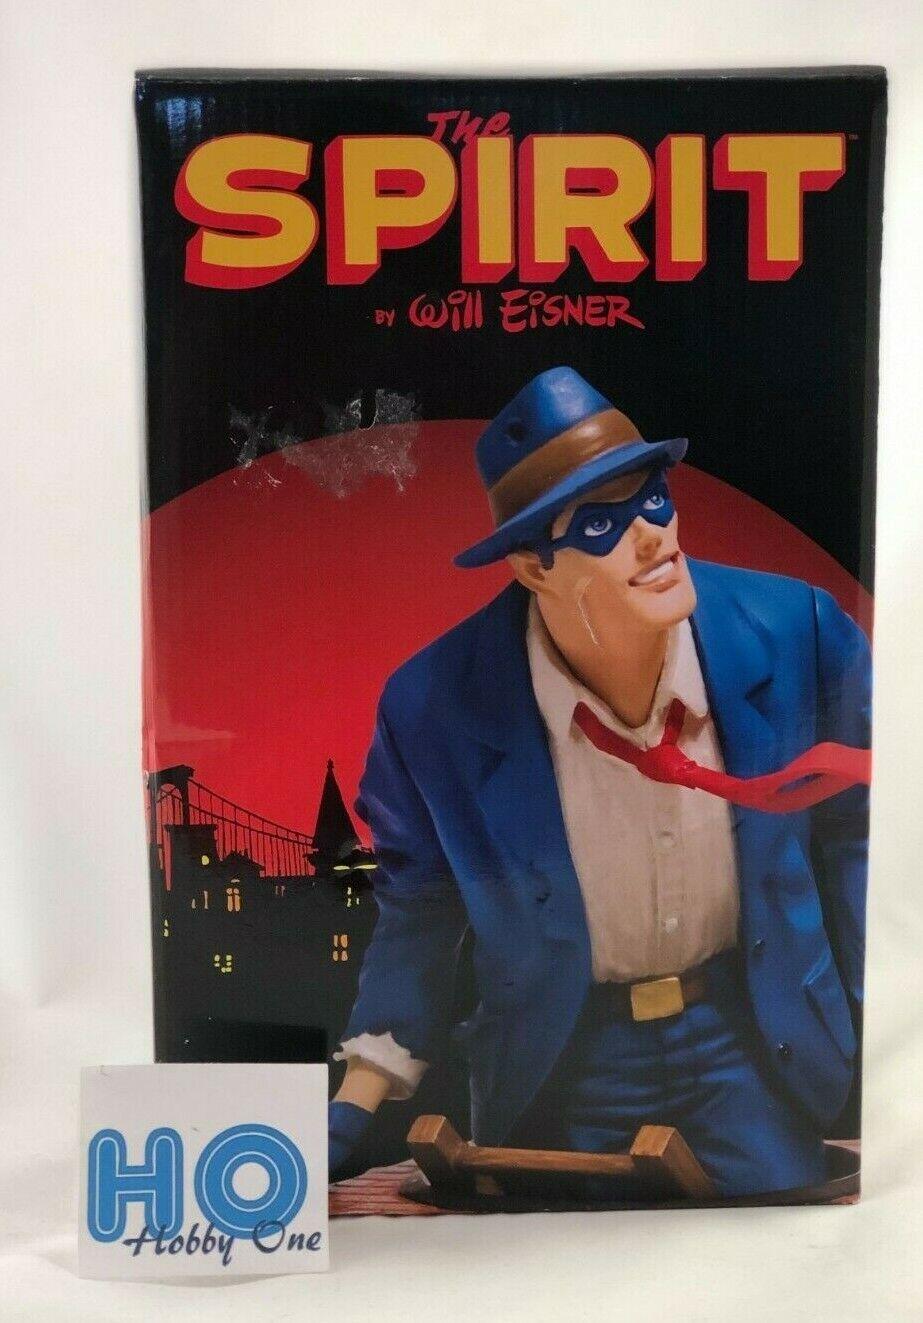 The Spirit by Will Eisner - Buste résine - Dark horse Deluxe - Lim. 950 exs